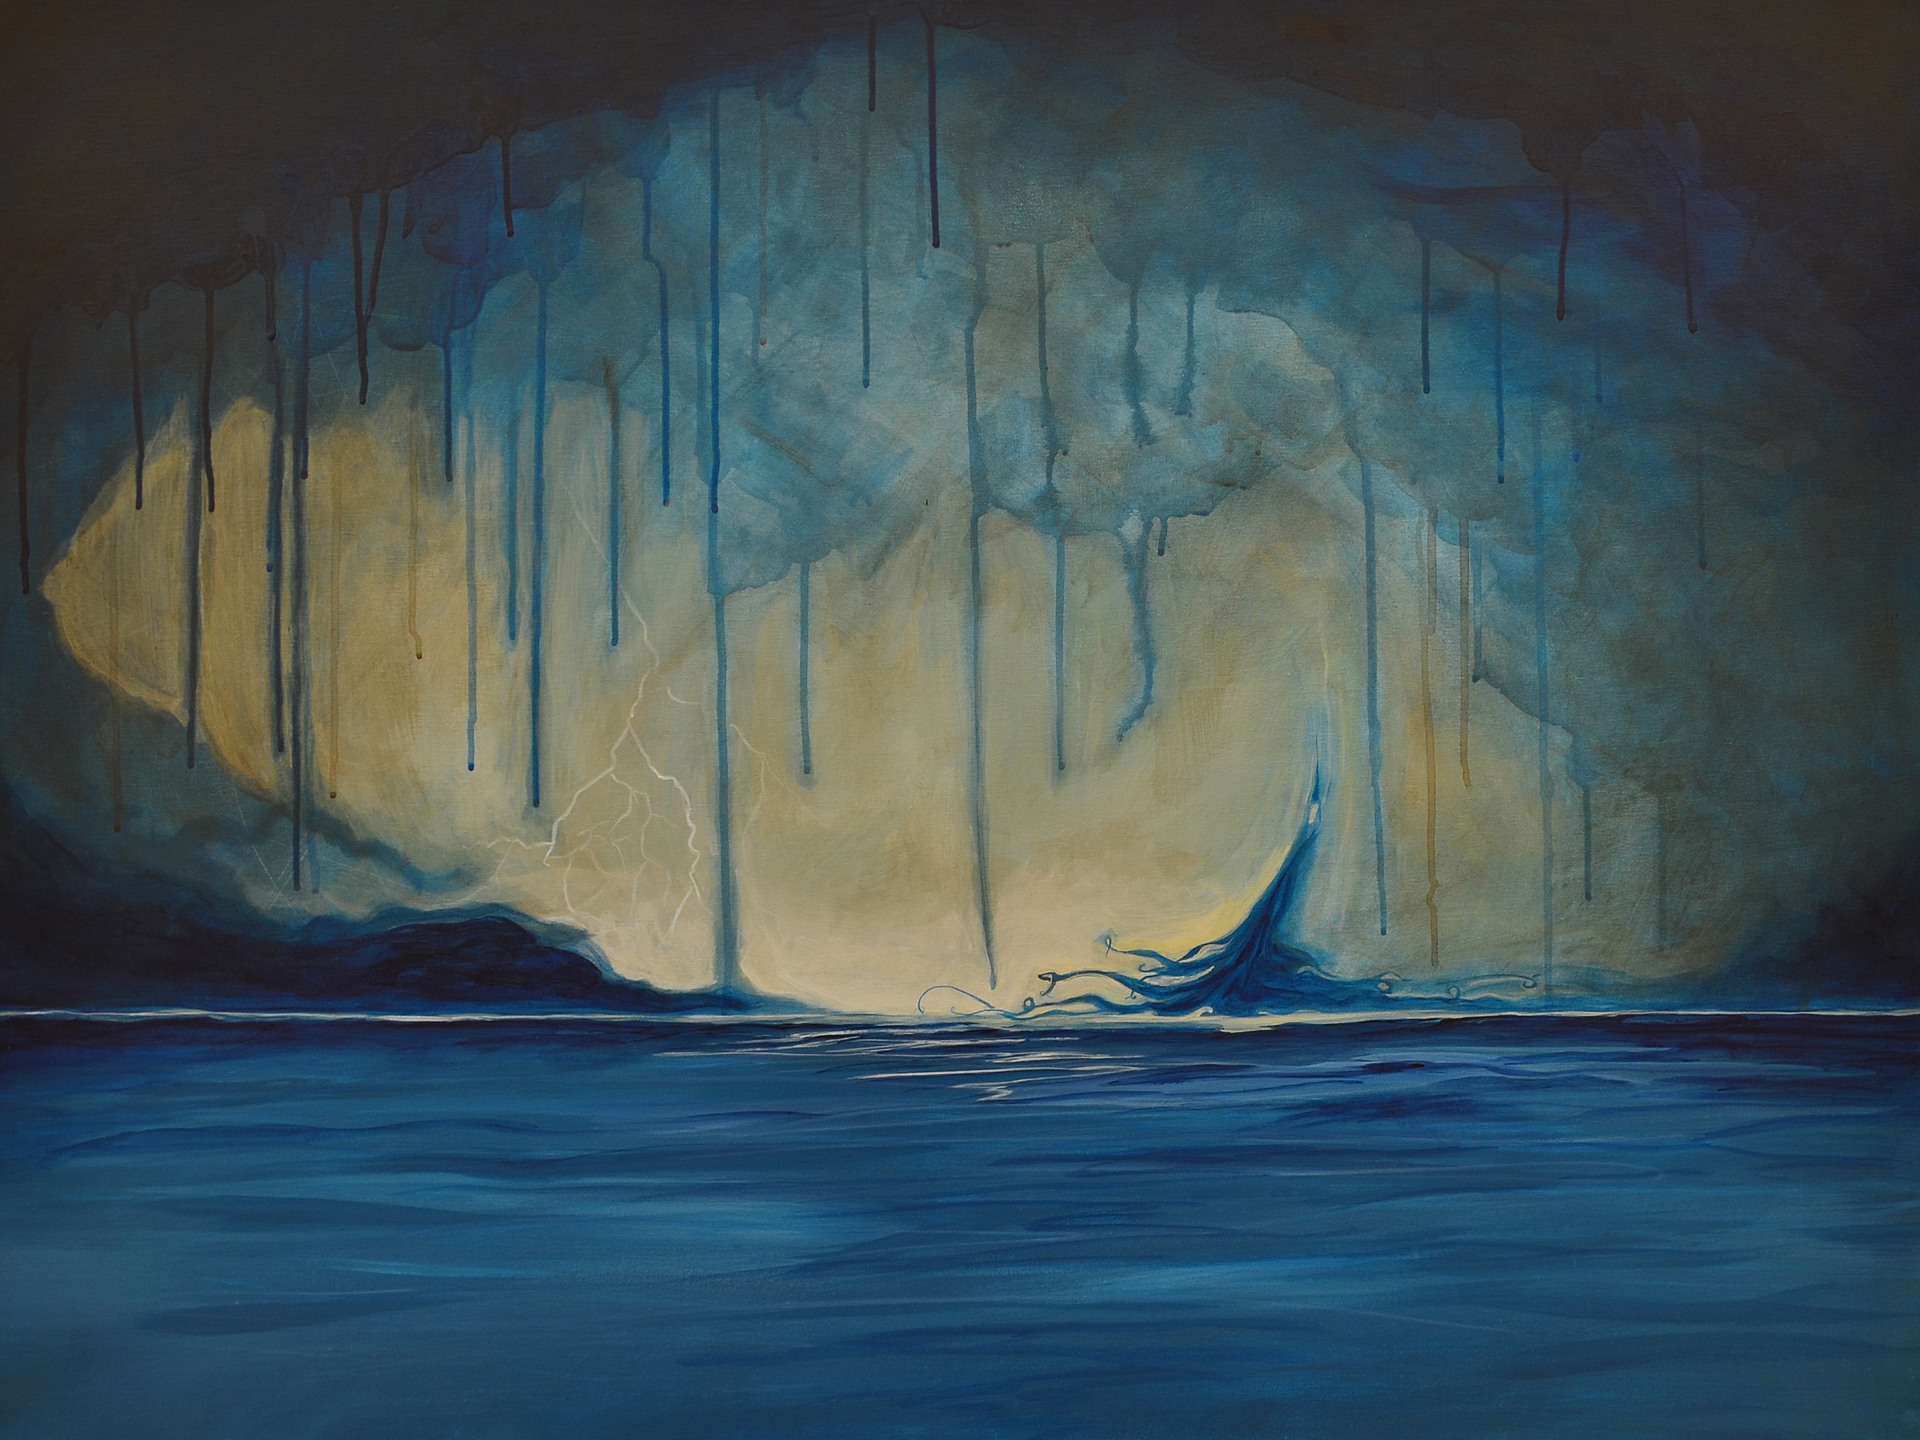 Tearful Sky, Ocean Child